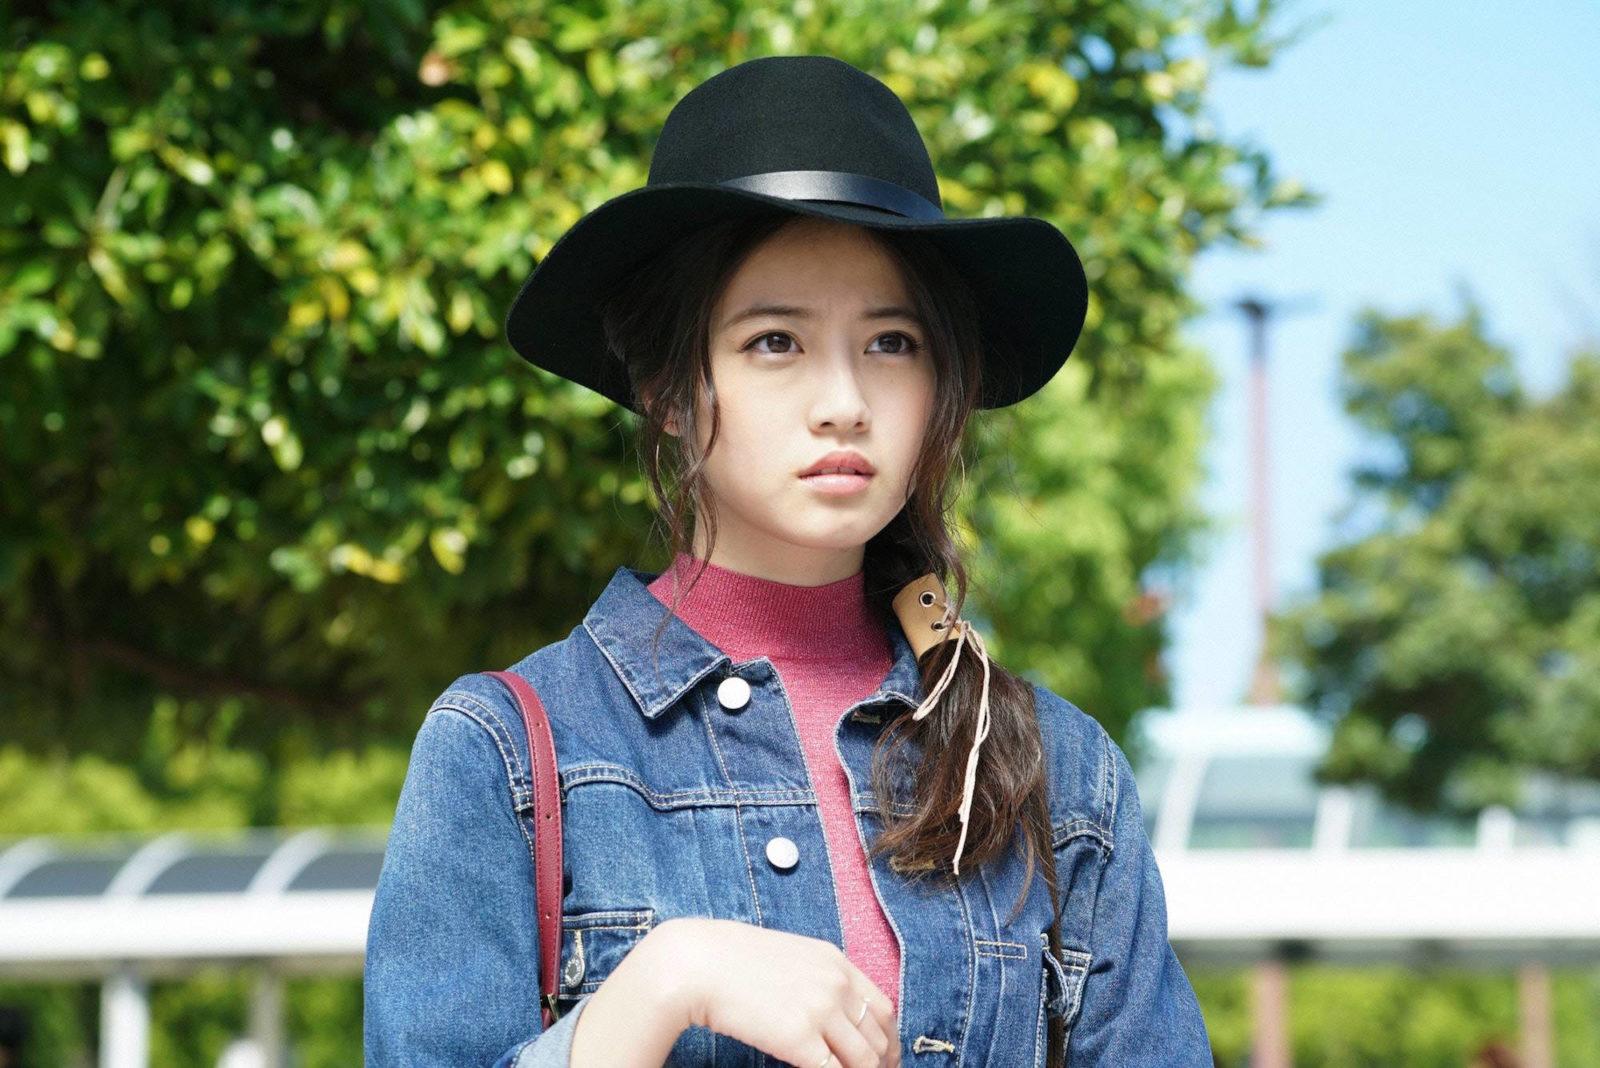 映画・ドラマで活躍!人気急上昇中の今田美桜が仕事とこれからについて語る「もっともっといろんな役に挑戦していきたい」【インタビュー】画像48948